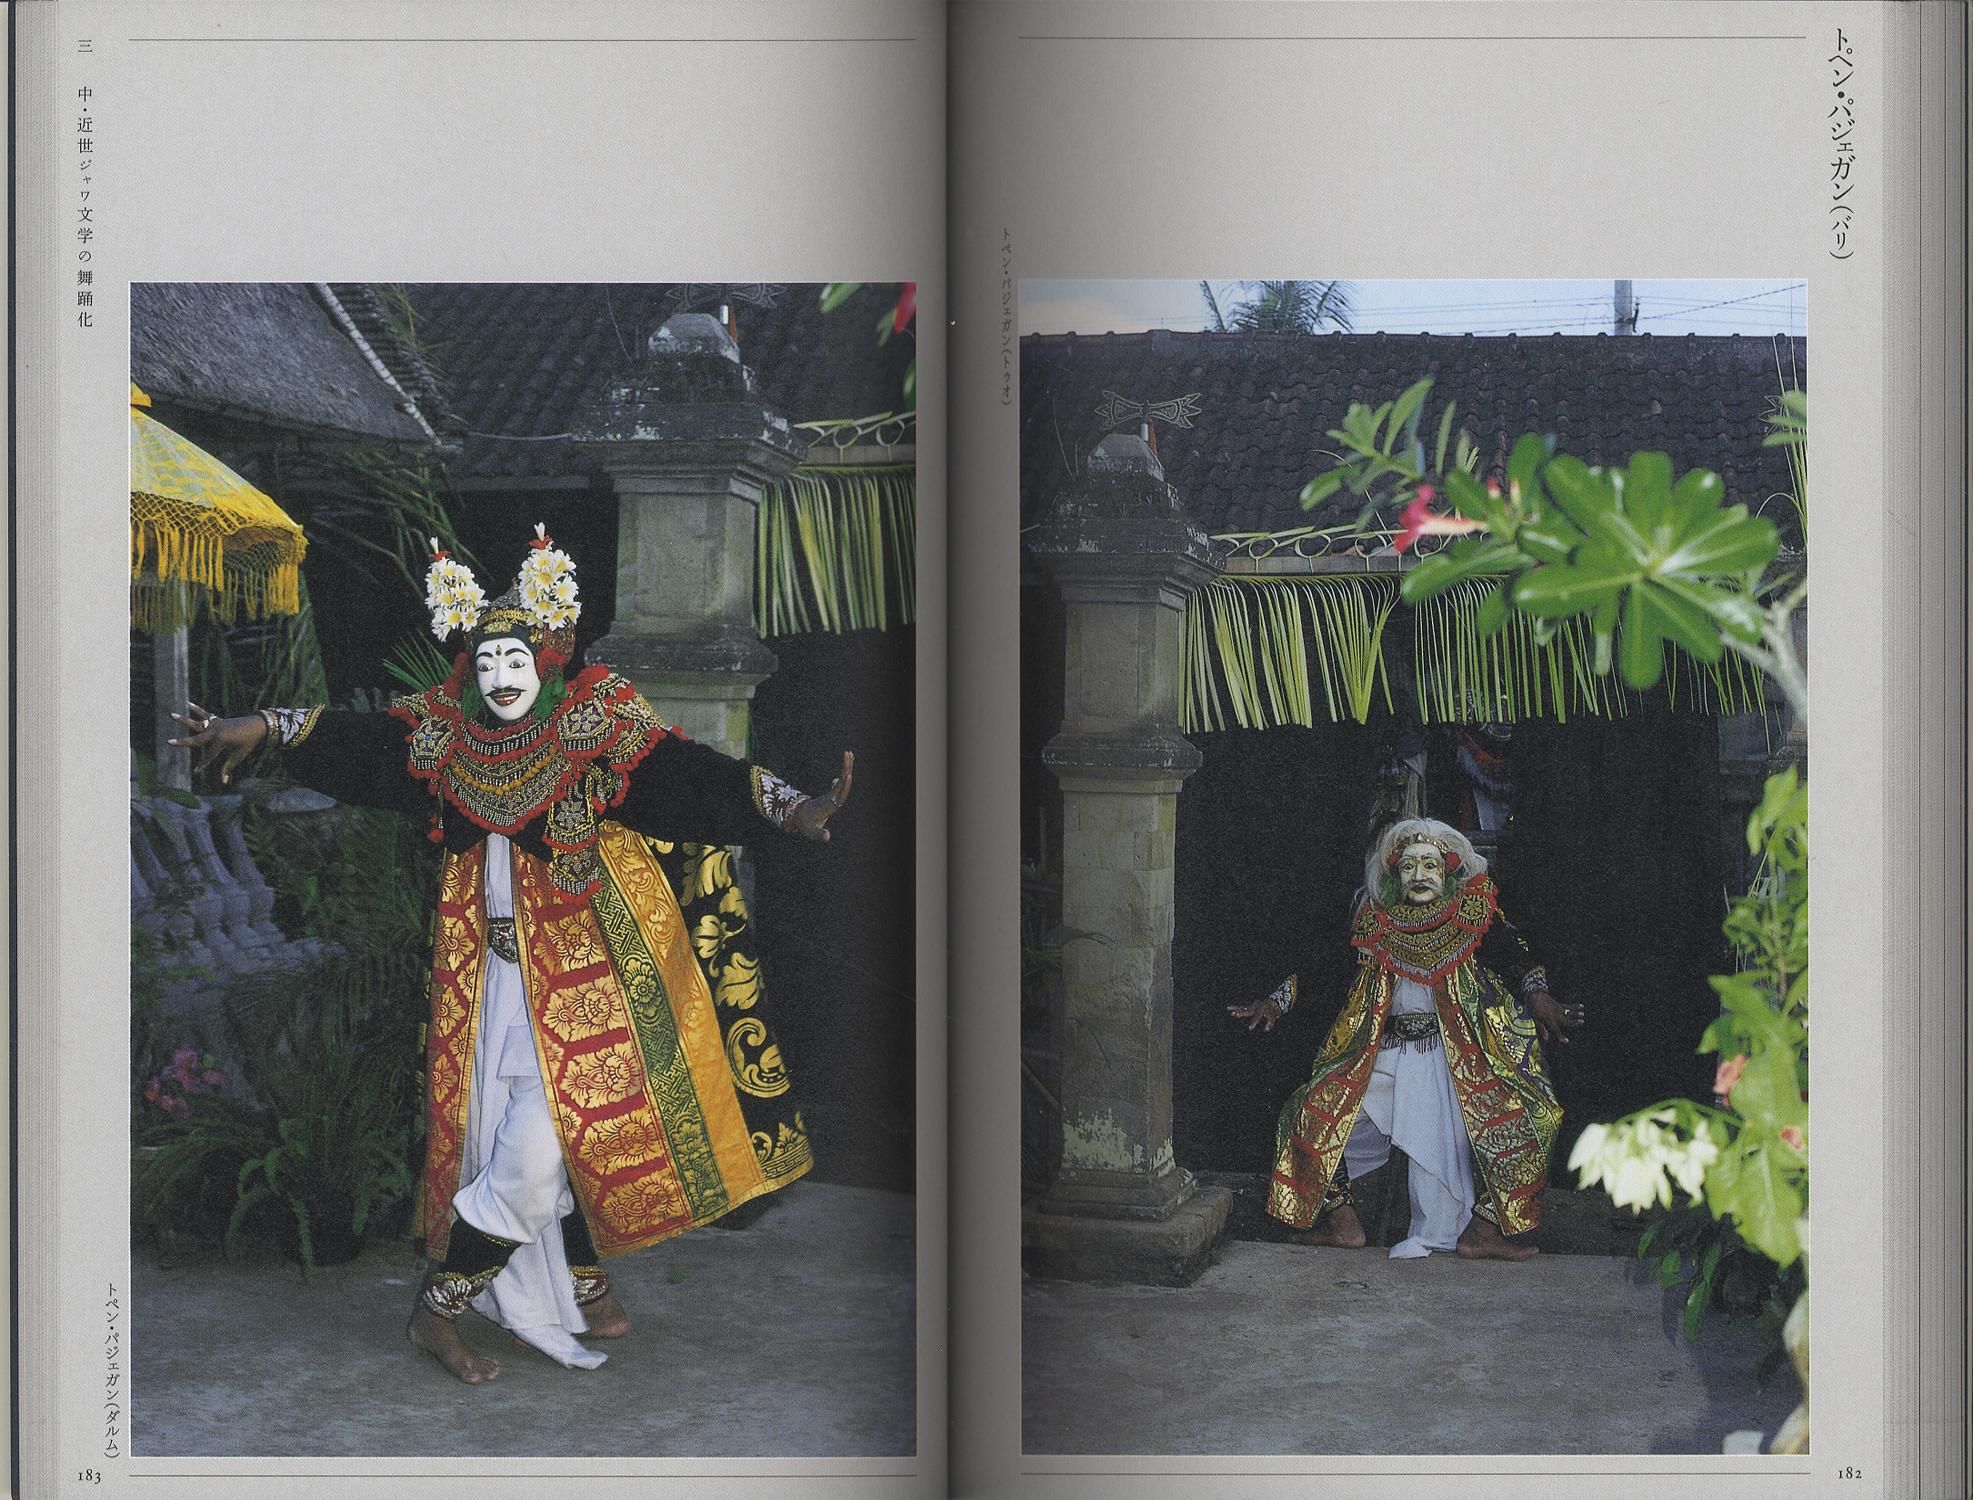 ジャワ舞踊バリ舞踊の花をたずねて その文学・ものがたり背景をさぐる[image4]